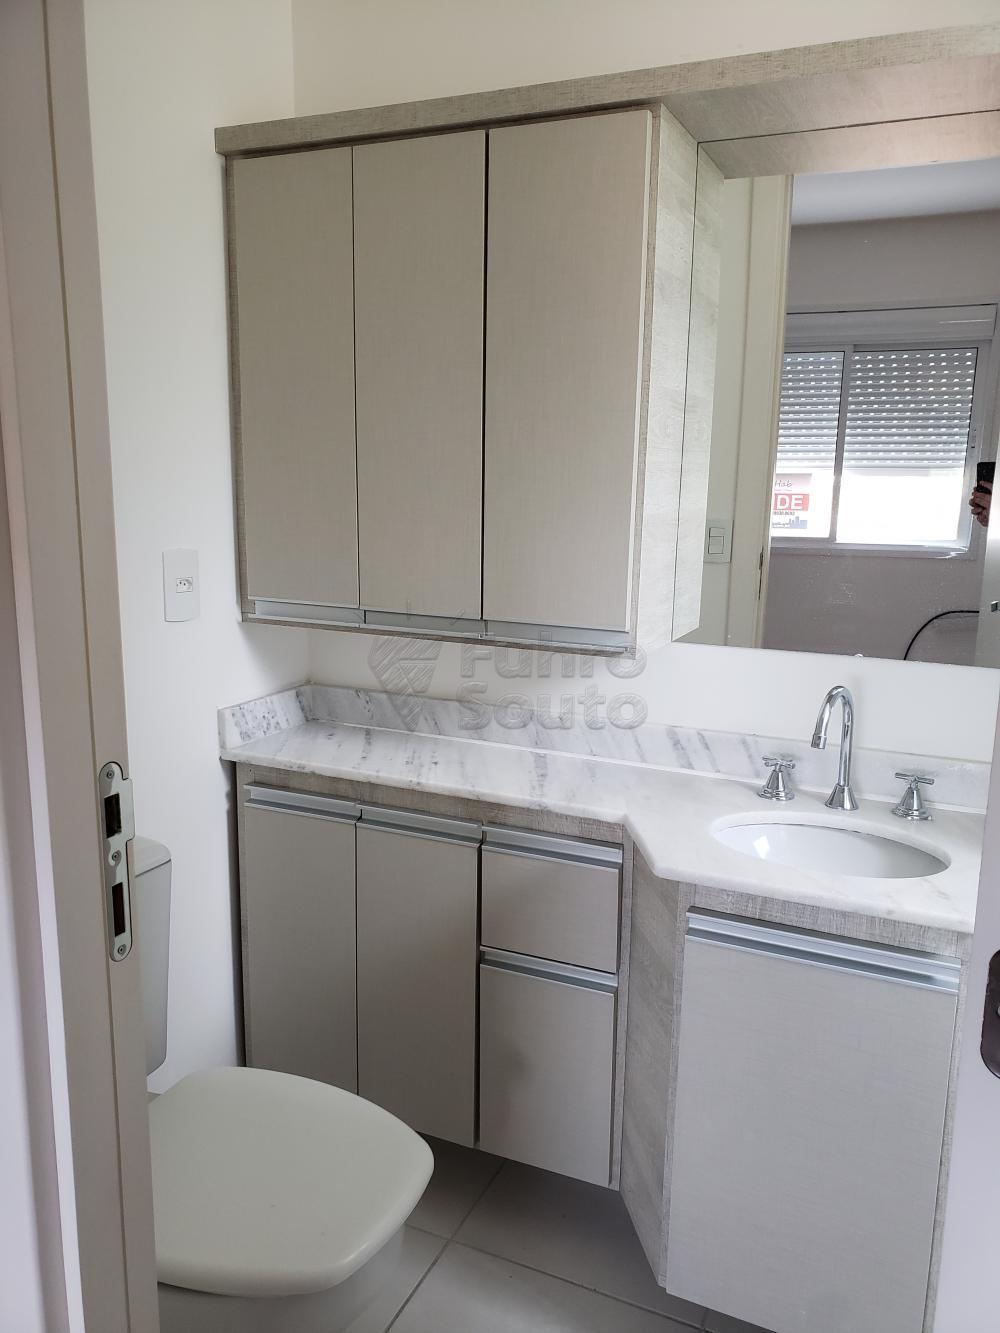 Comprar Apartamento / Padrão em Pelotas R$ 339.000,00 - Foto 4